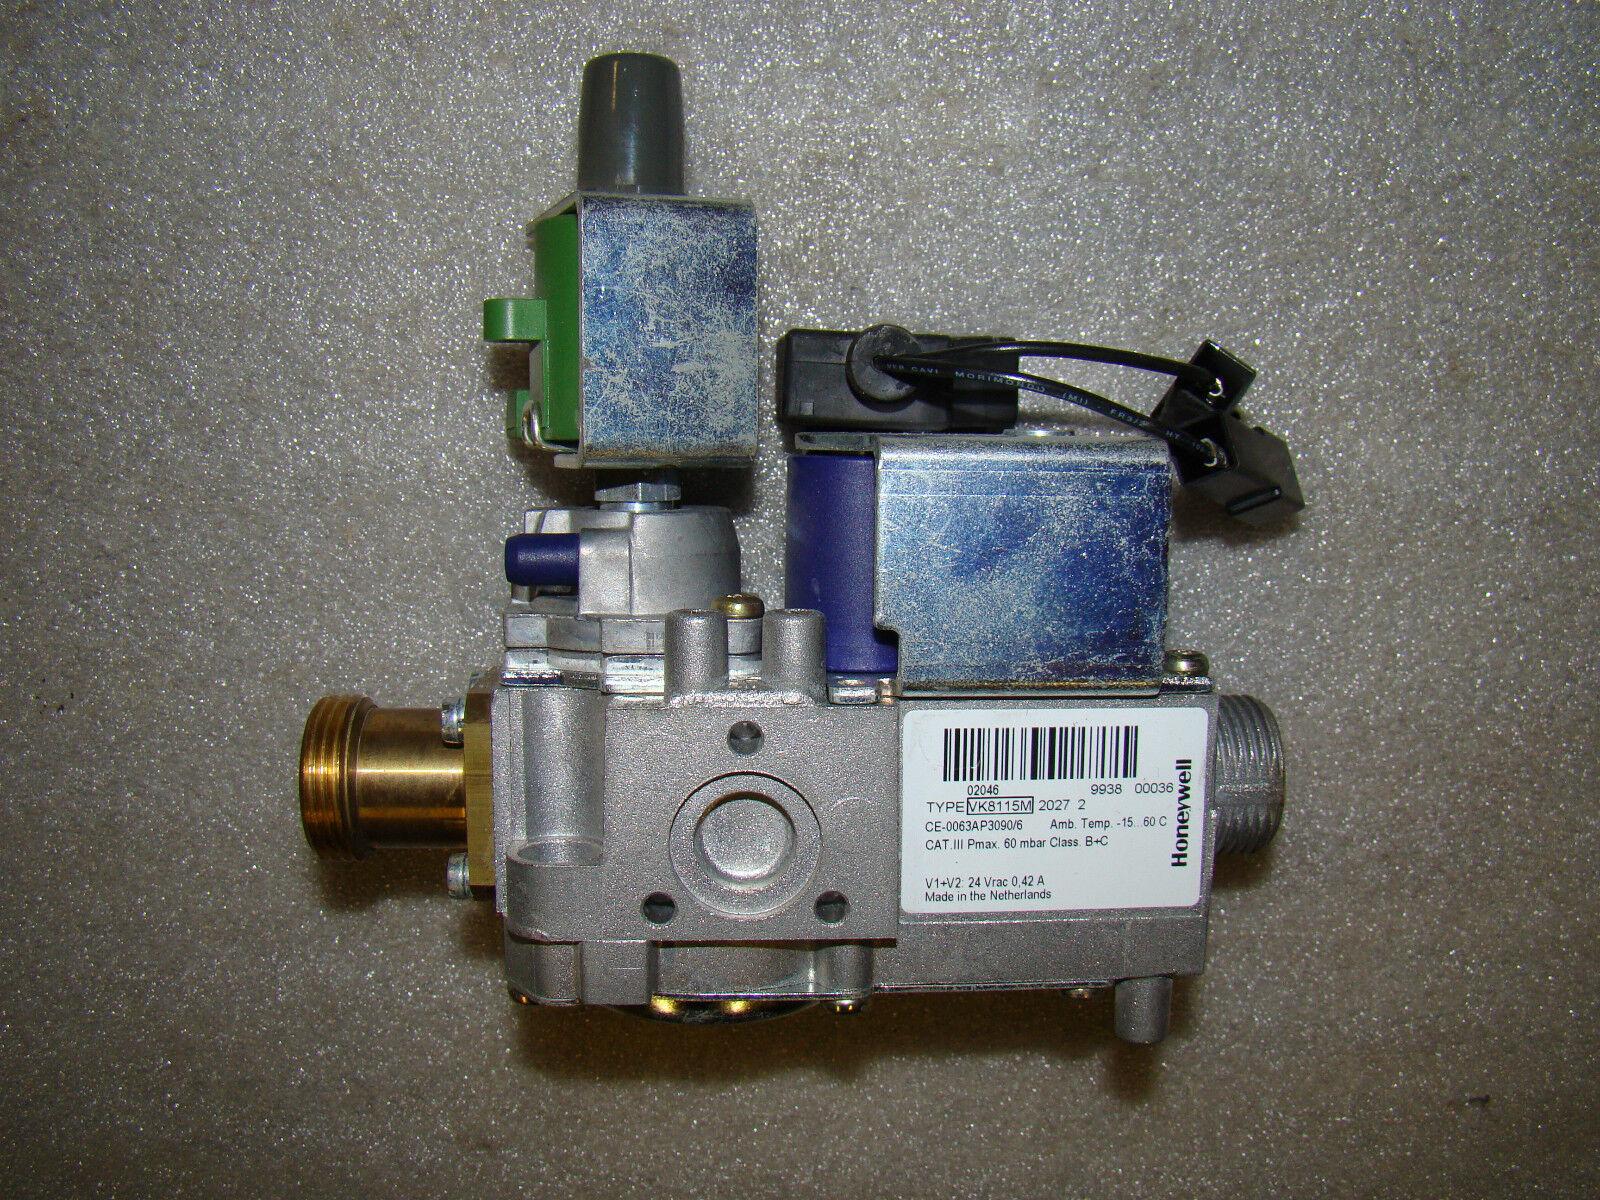 Honeywell Type VK 8115 M 2027-2 Gaskombiregler-VK 8115 M  Gasarmatur